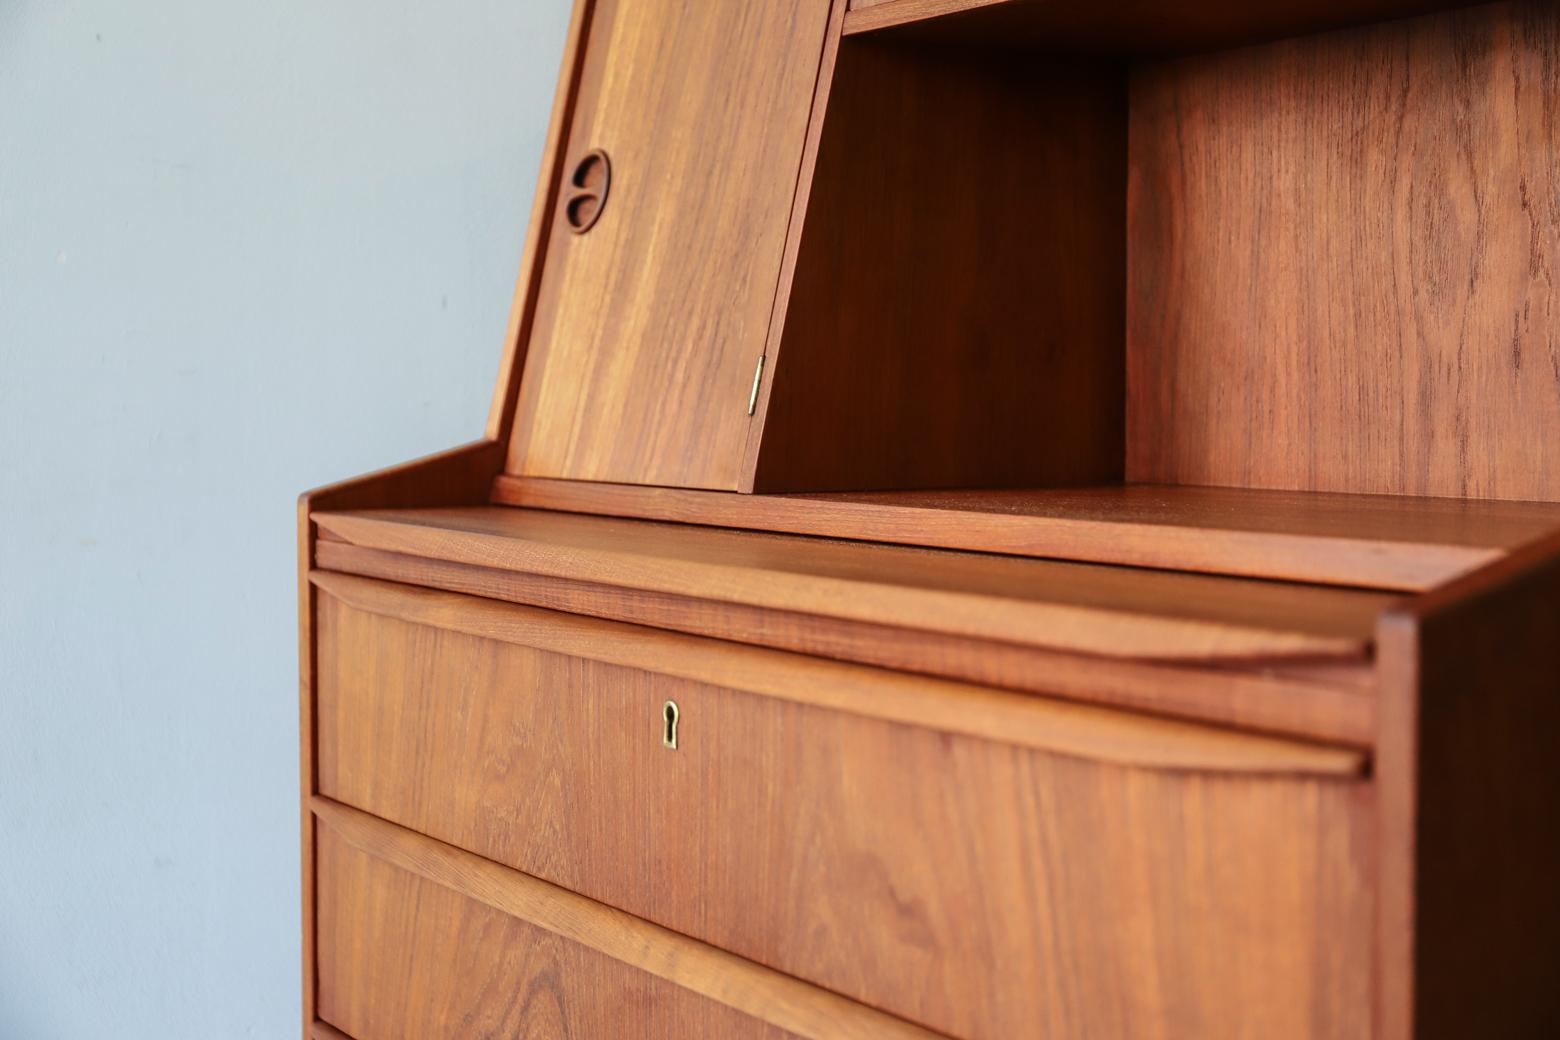 デンマーク ヴィンテージ コーヒー テーブル チーク材 オーク材 北欧家具/Danish Vintage Sofa Table